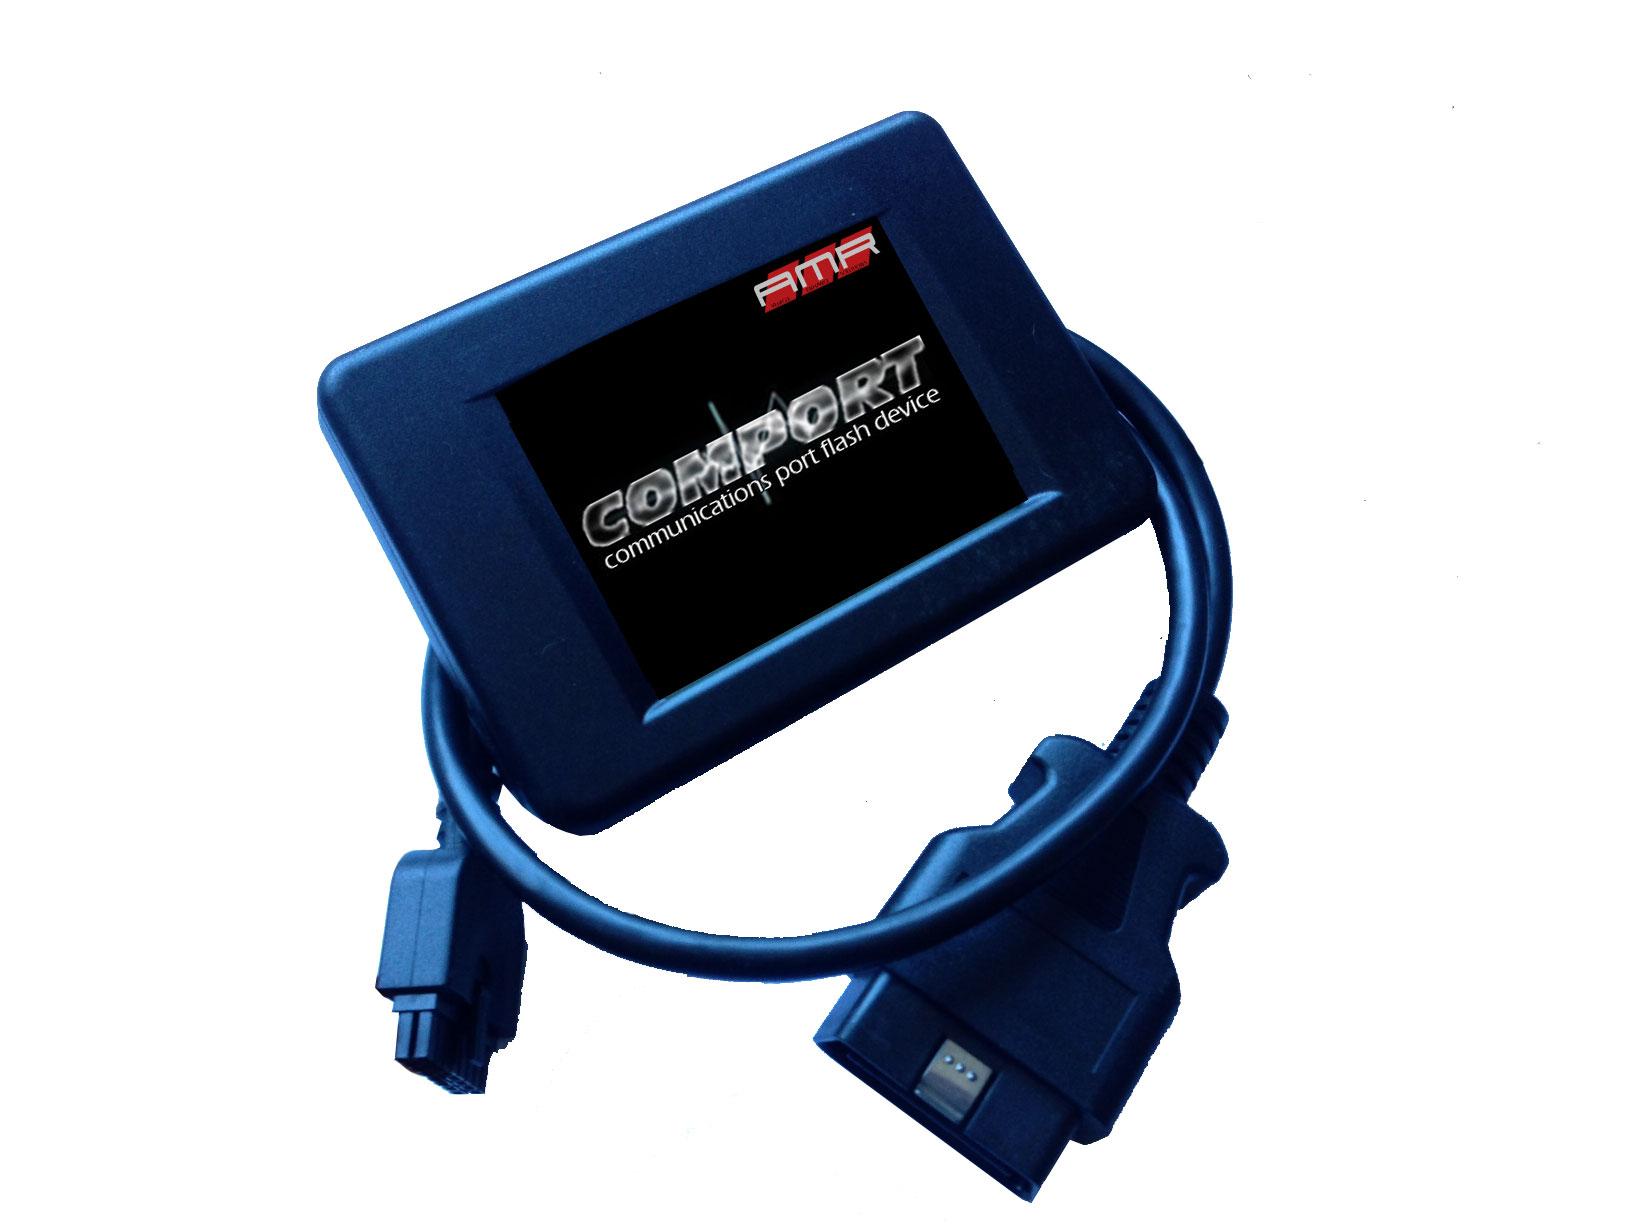 AMR Performance - COMPORT Handheld Programmer